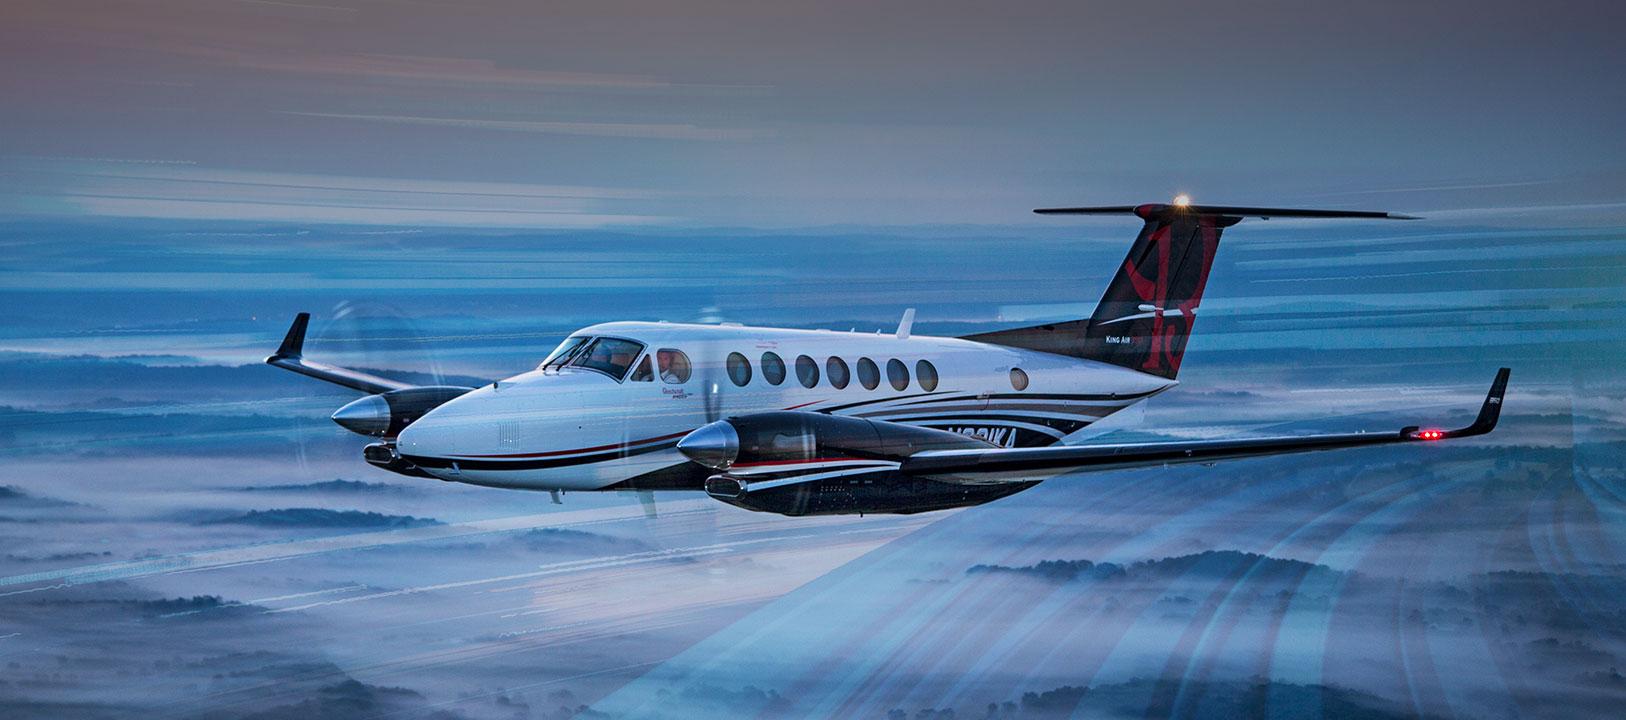 OEM-page-Beechcraft_KingAir-banner-1.jpg